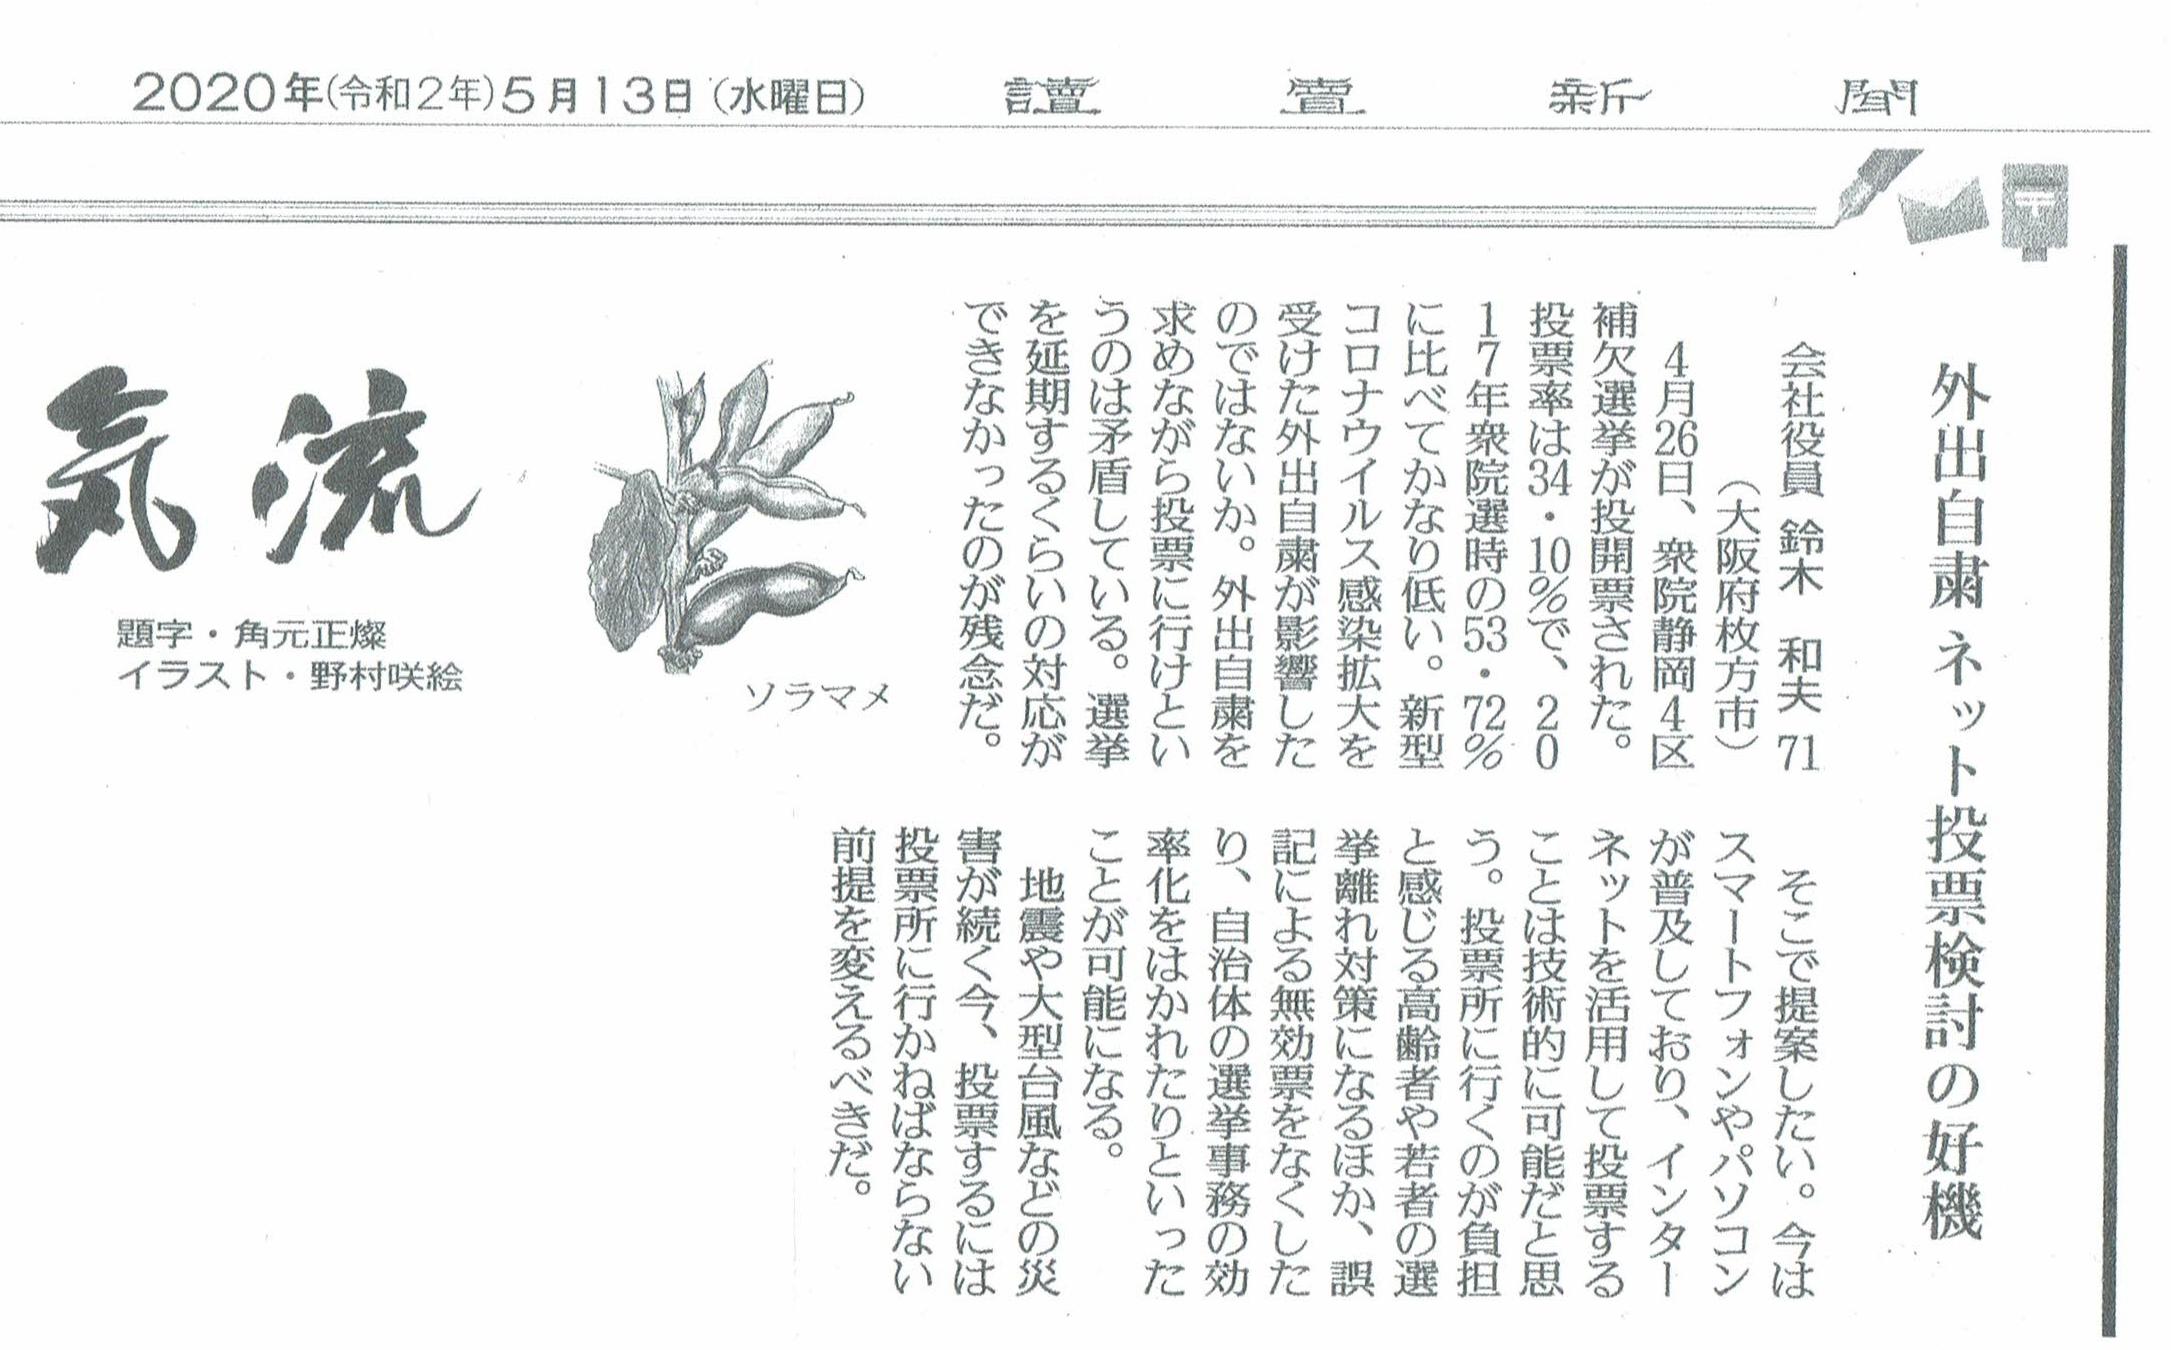 気流 読売 新聞